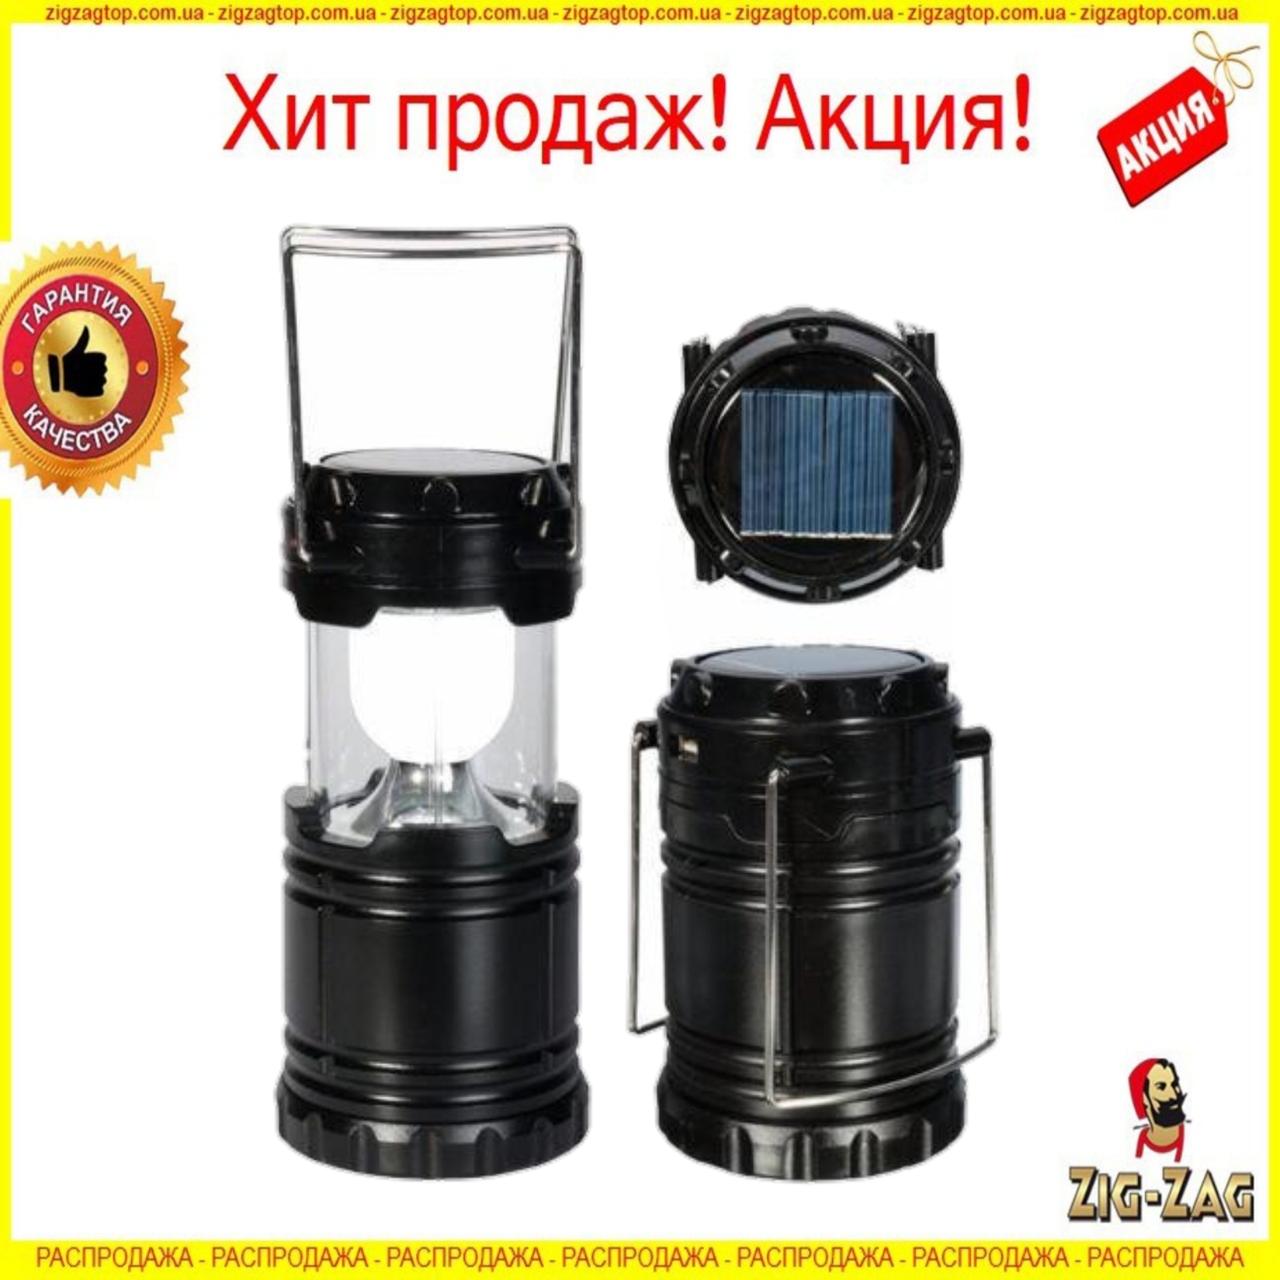 Складной кемпинговый фонарик с Power Bank светодиодный солнечной панелью G85 LED Аккумуляторный 100% КАЧЕСТВО!